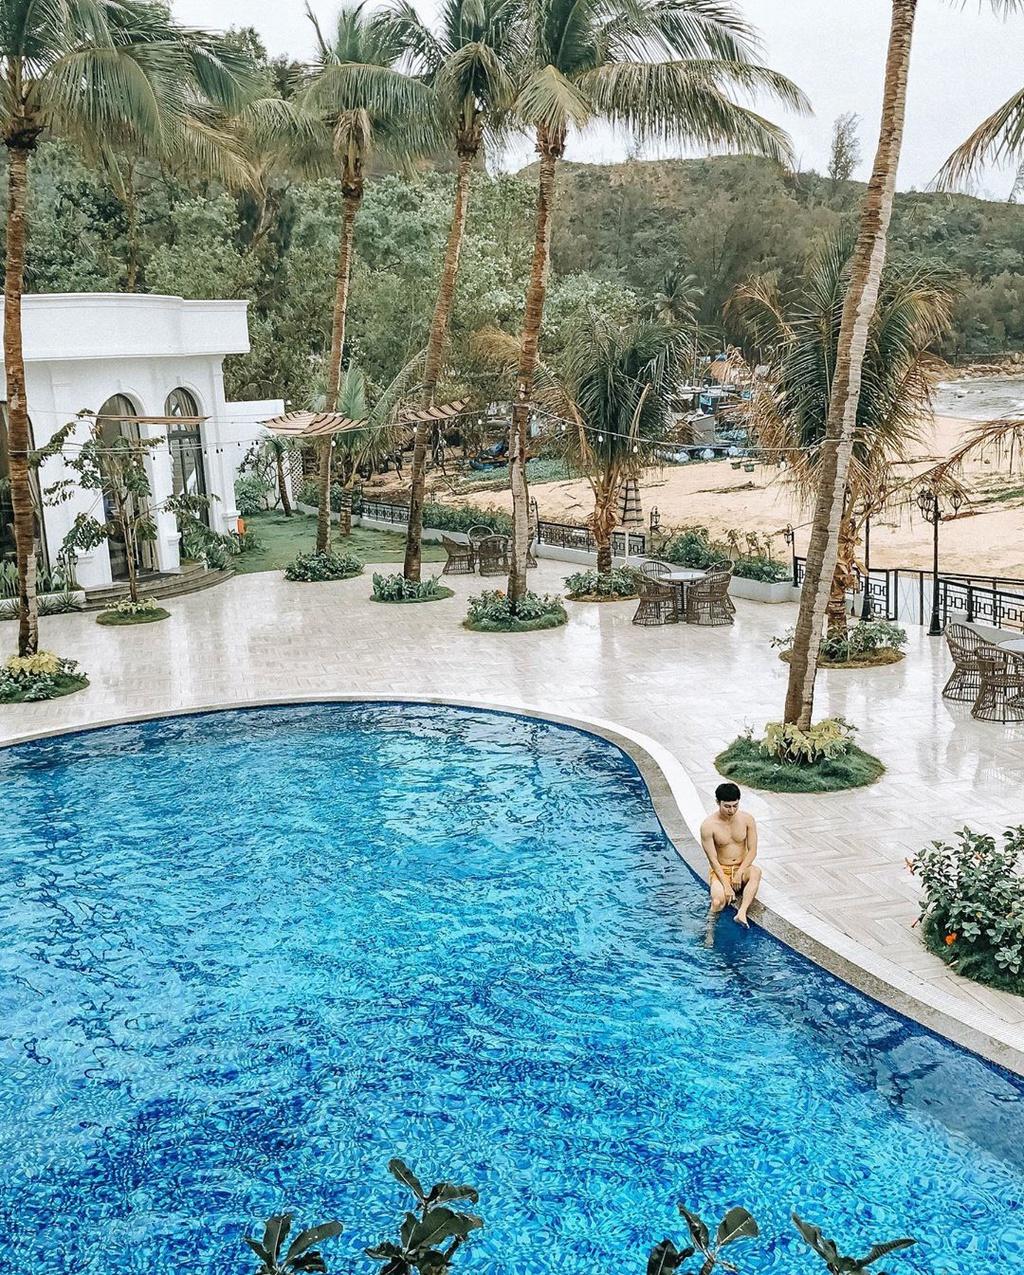 giai-nhiet-tai-ho-boi-view-bien-sang-trong-o-4-resort-quy-nhon-ivivu-7